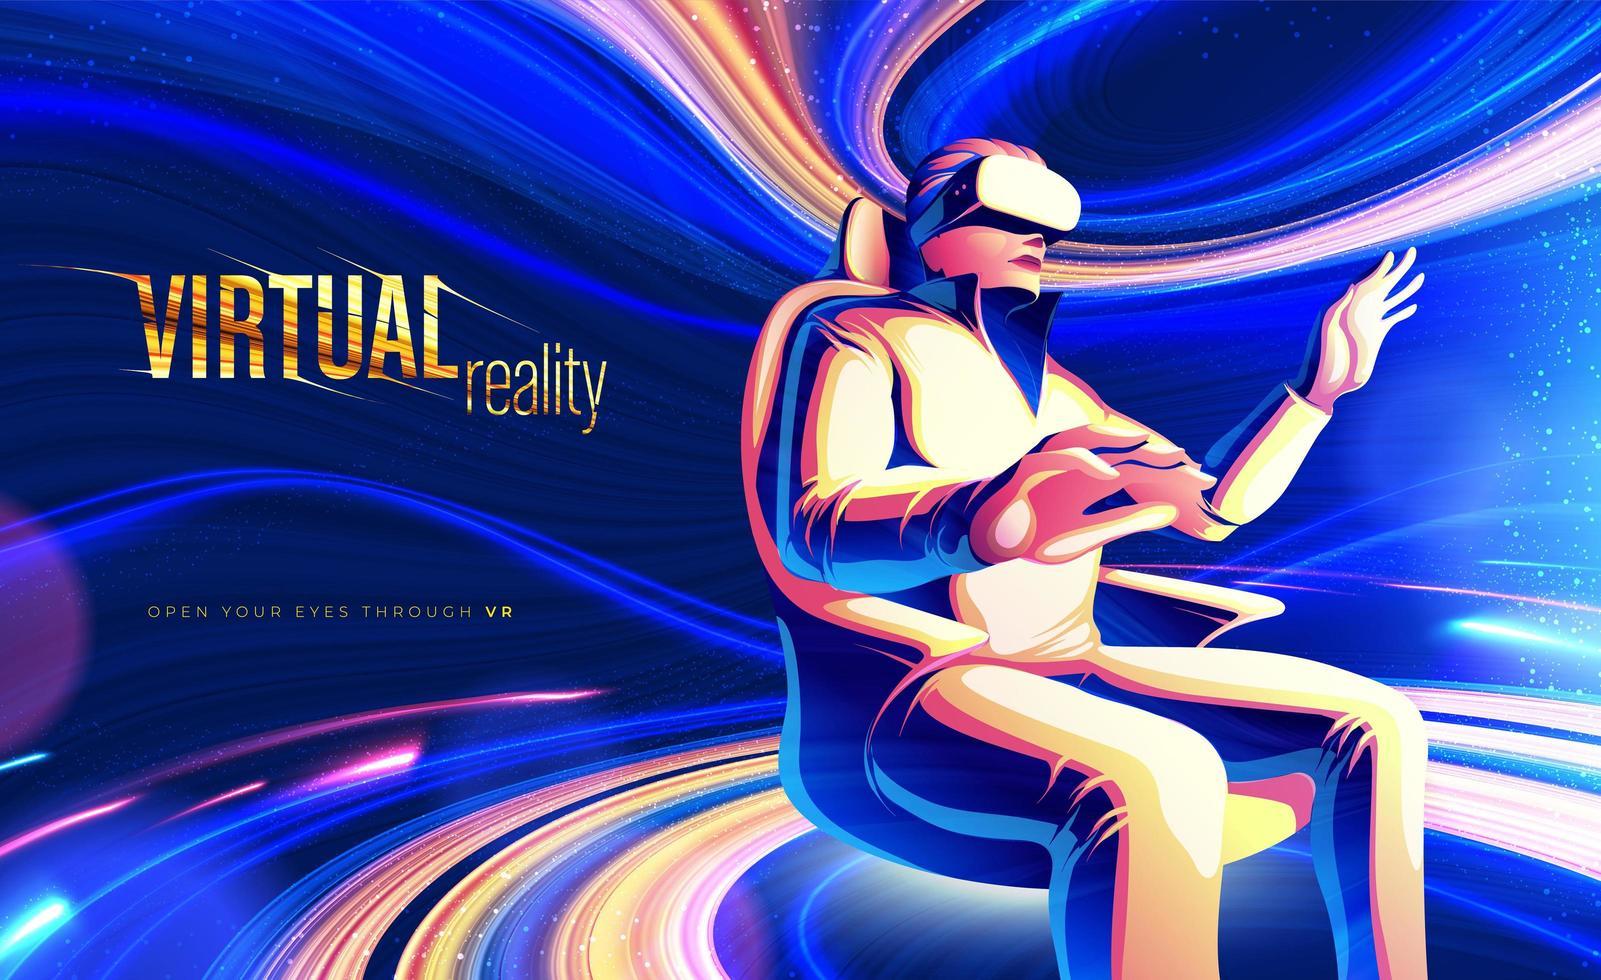 conception de thème de réalité virtuelle vecteur